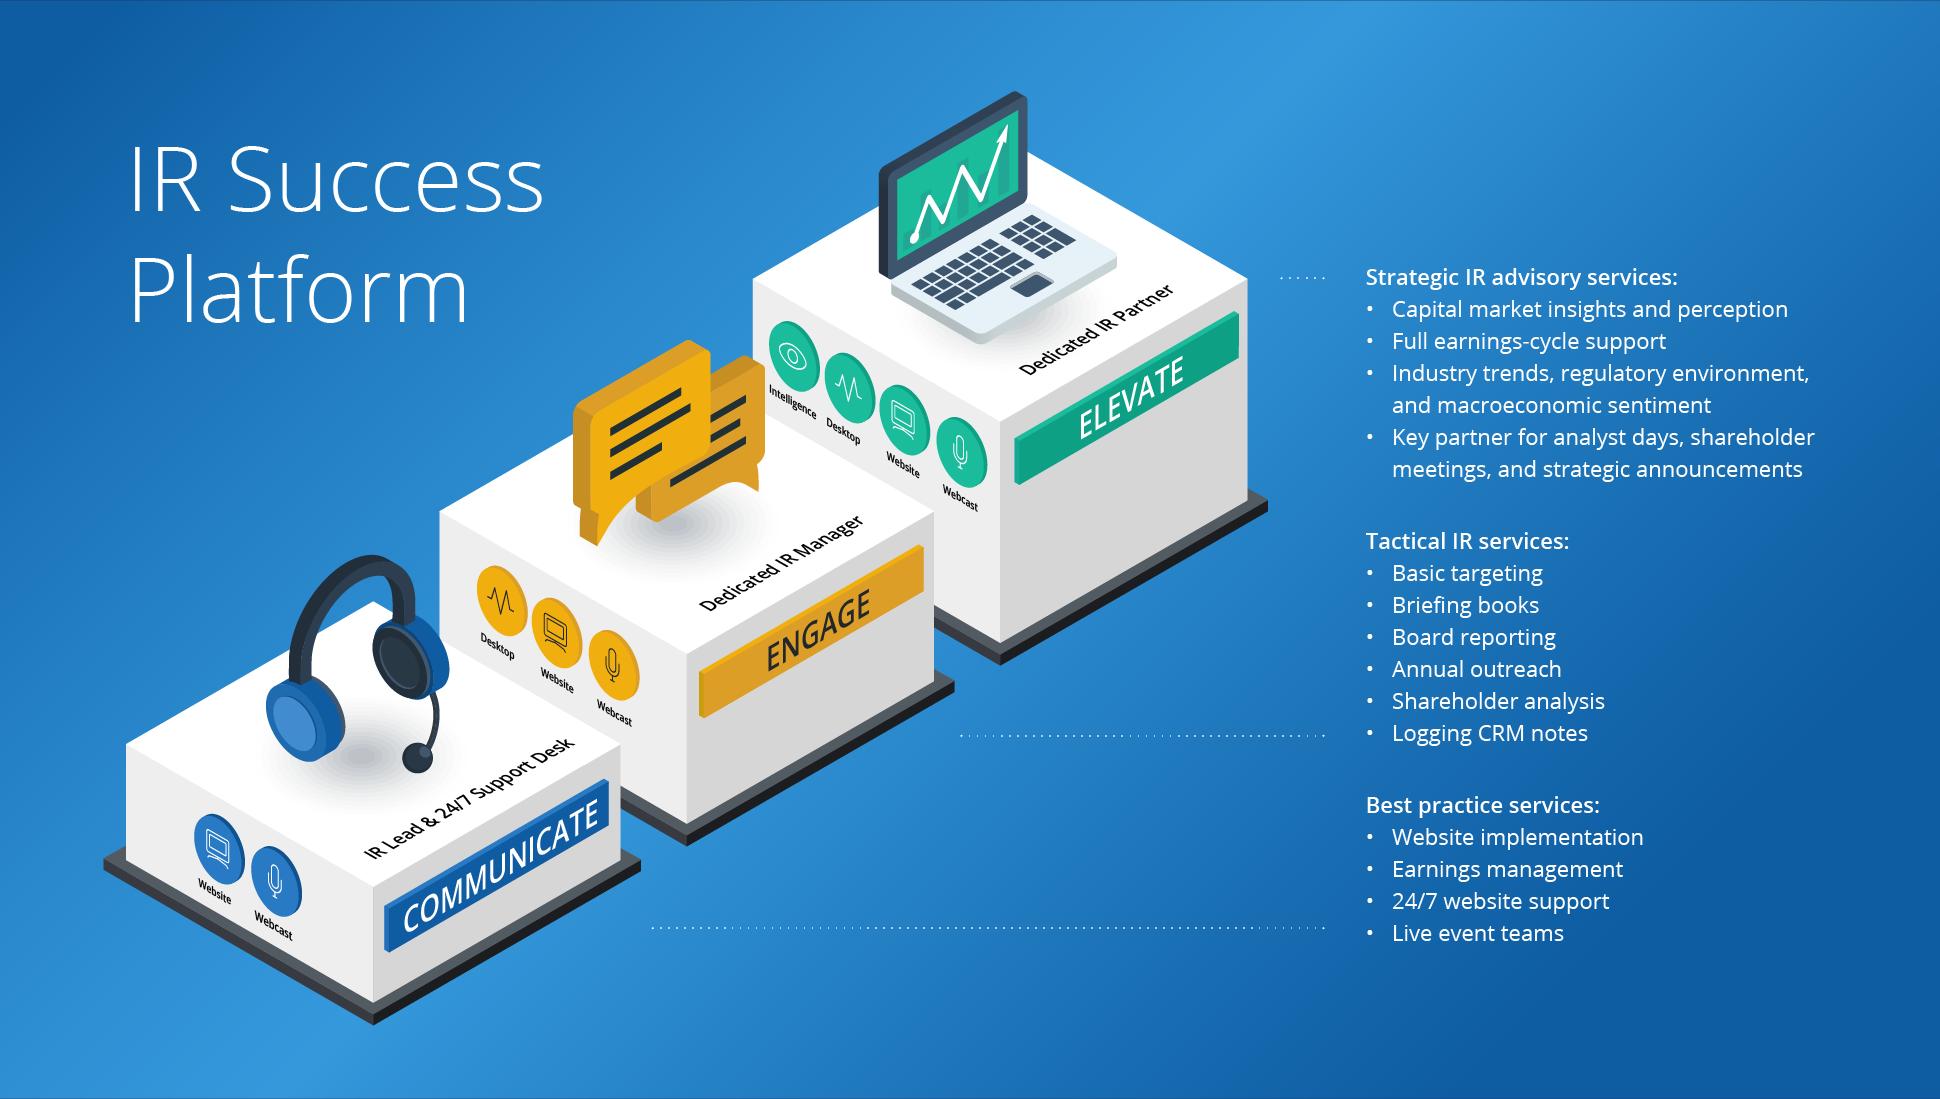 inset-ir-success-platform@2x.png